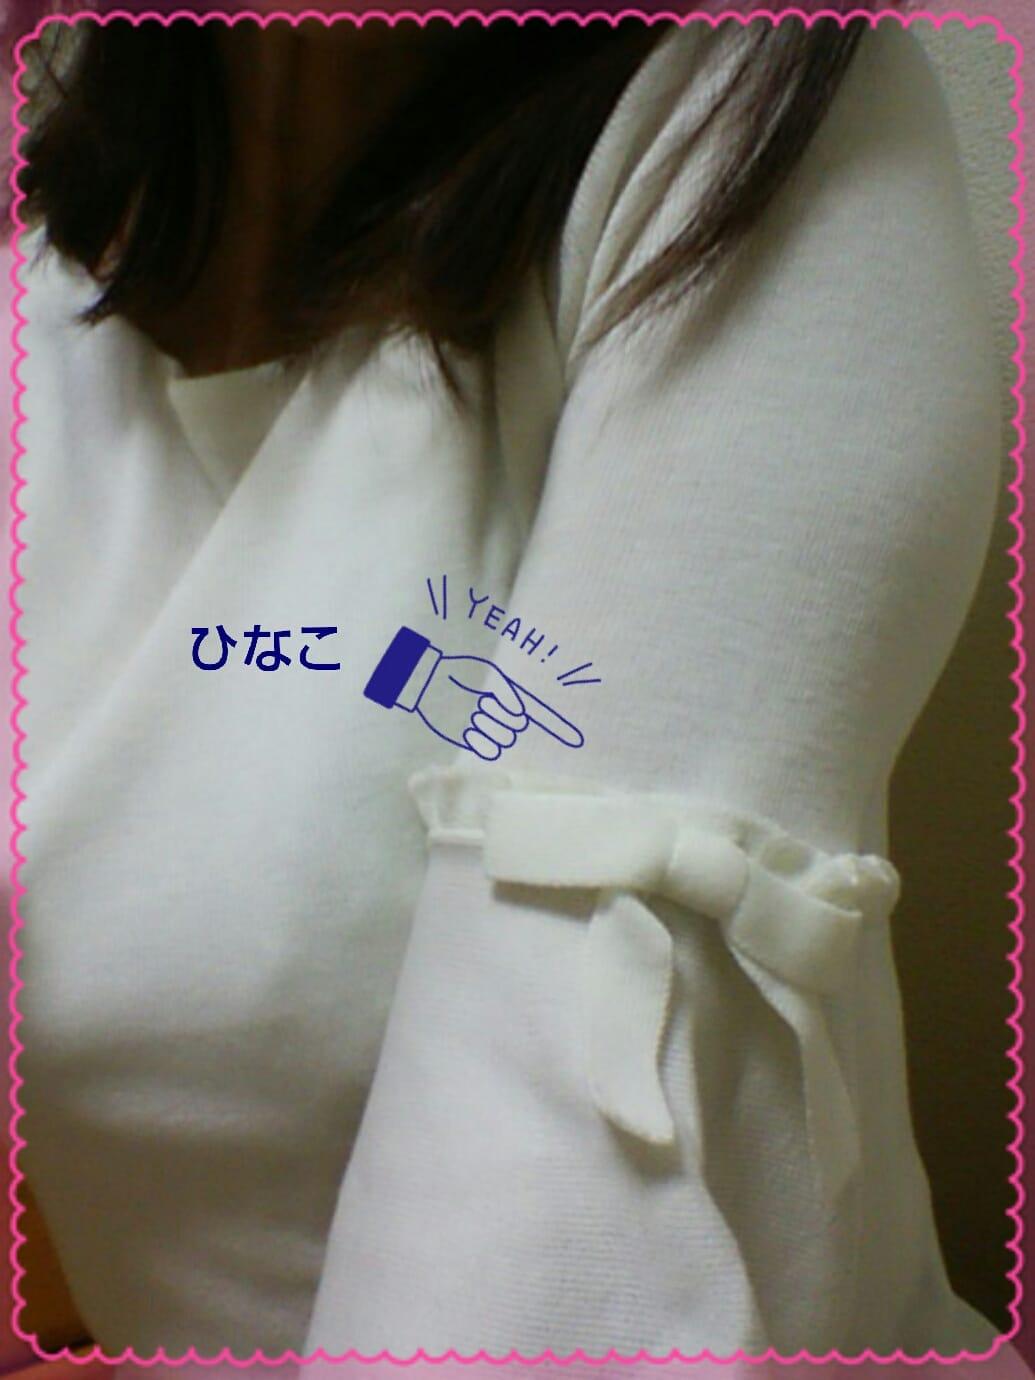 「腕かわゆし♪」01/20(01/20) 10:14 | ひなこの写メ・風俗動画